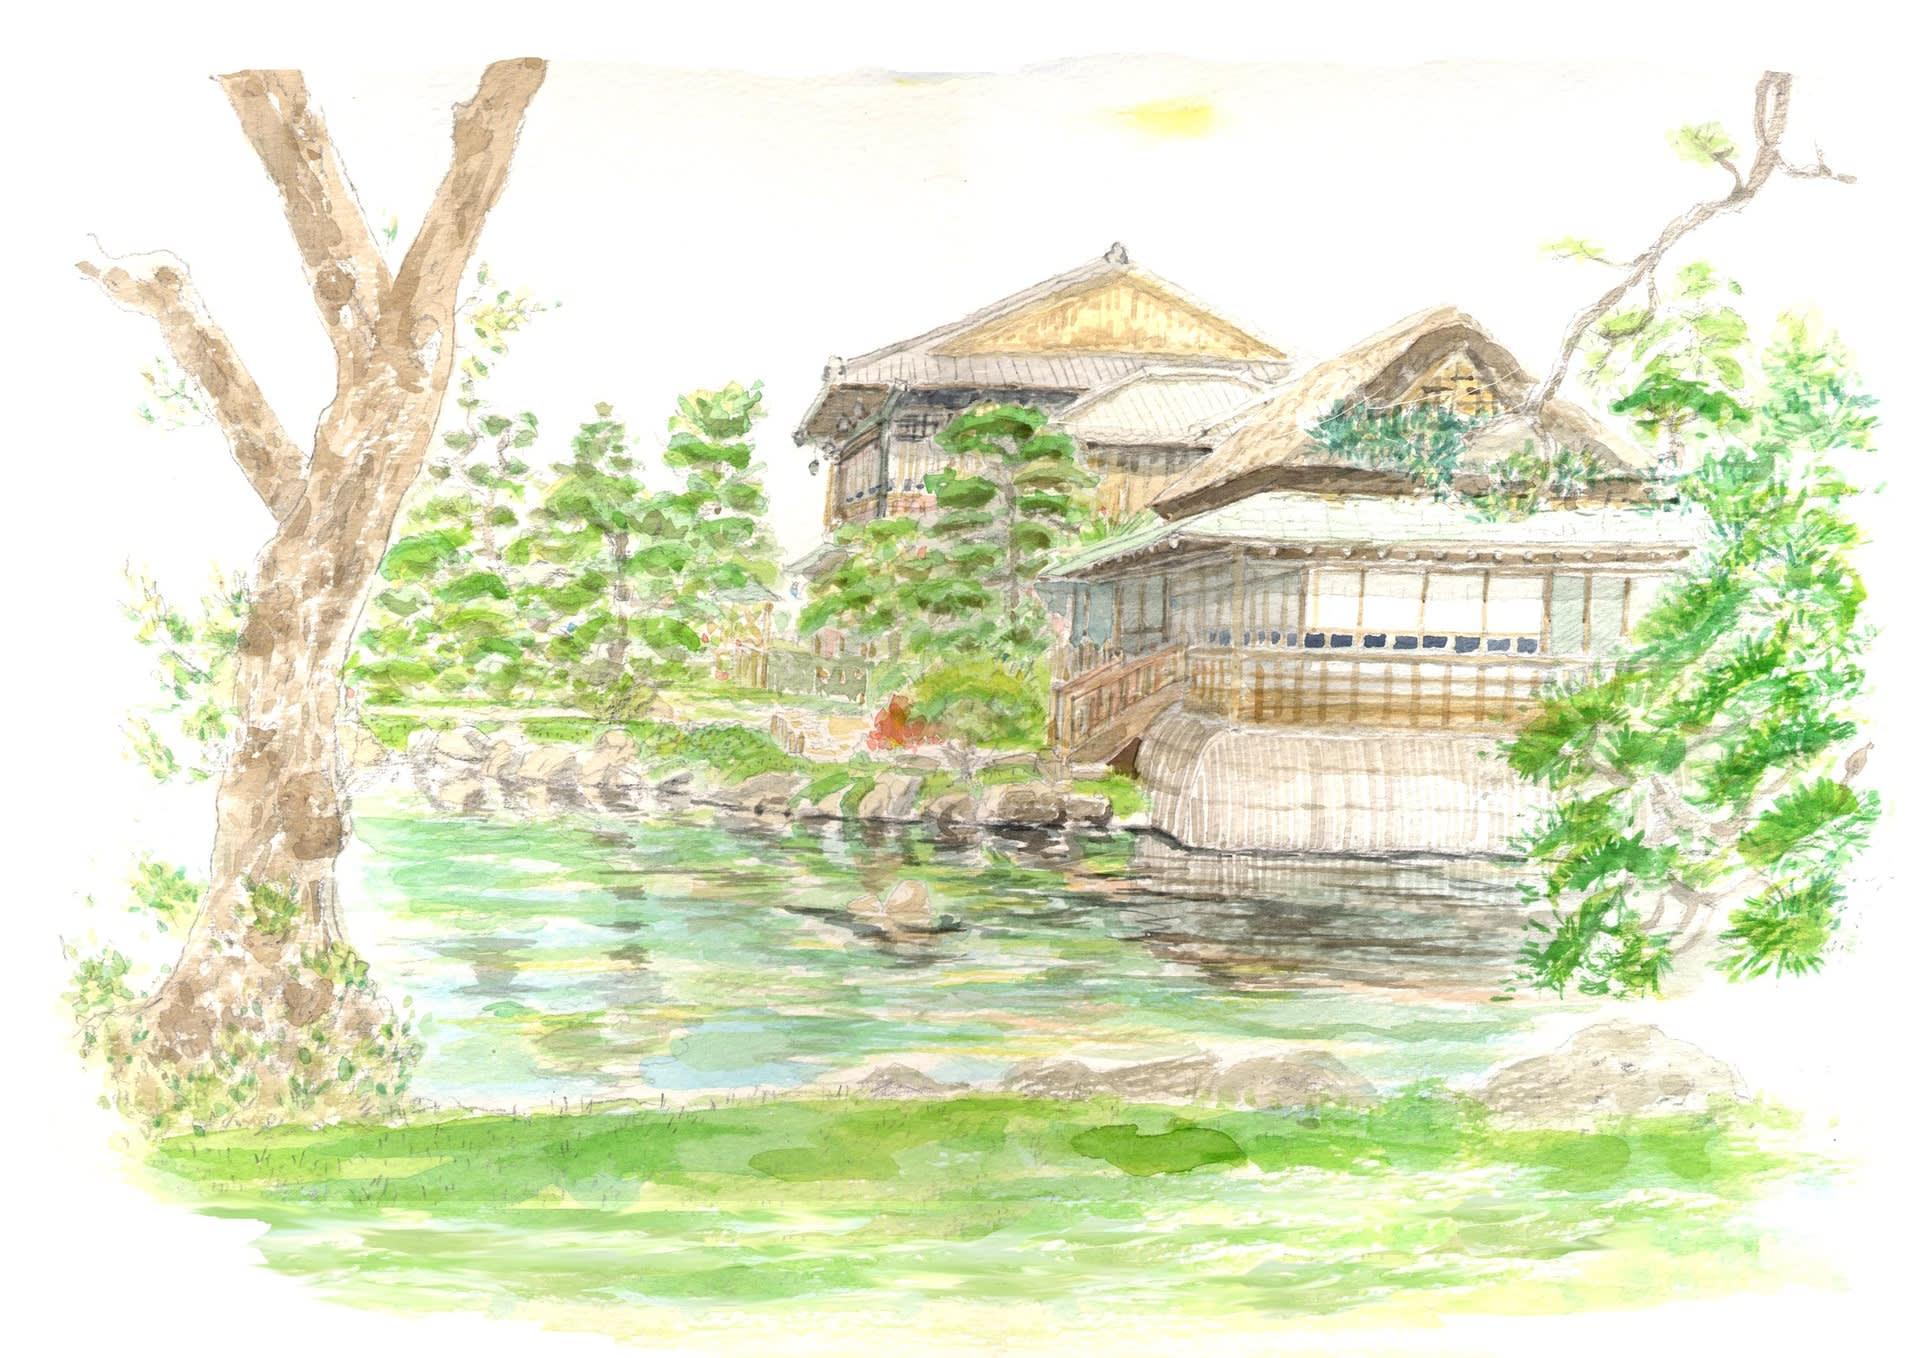 坂出市指定文化財の香風園の庭での風景スケッチ